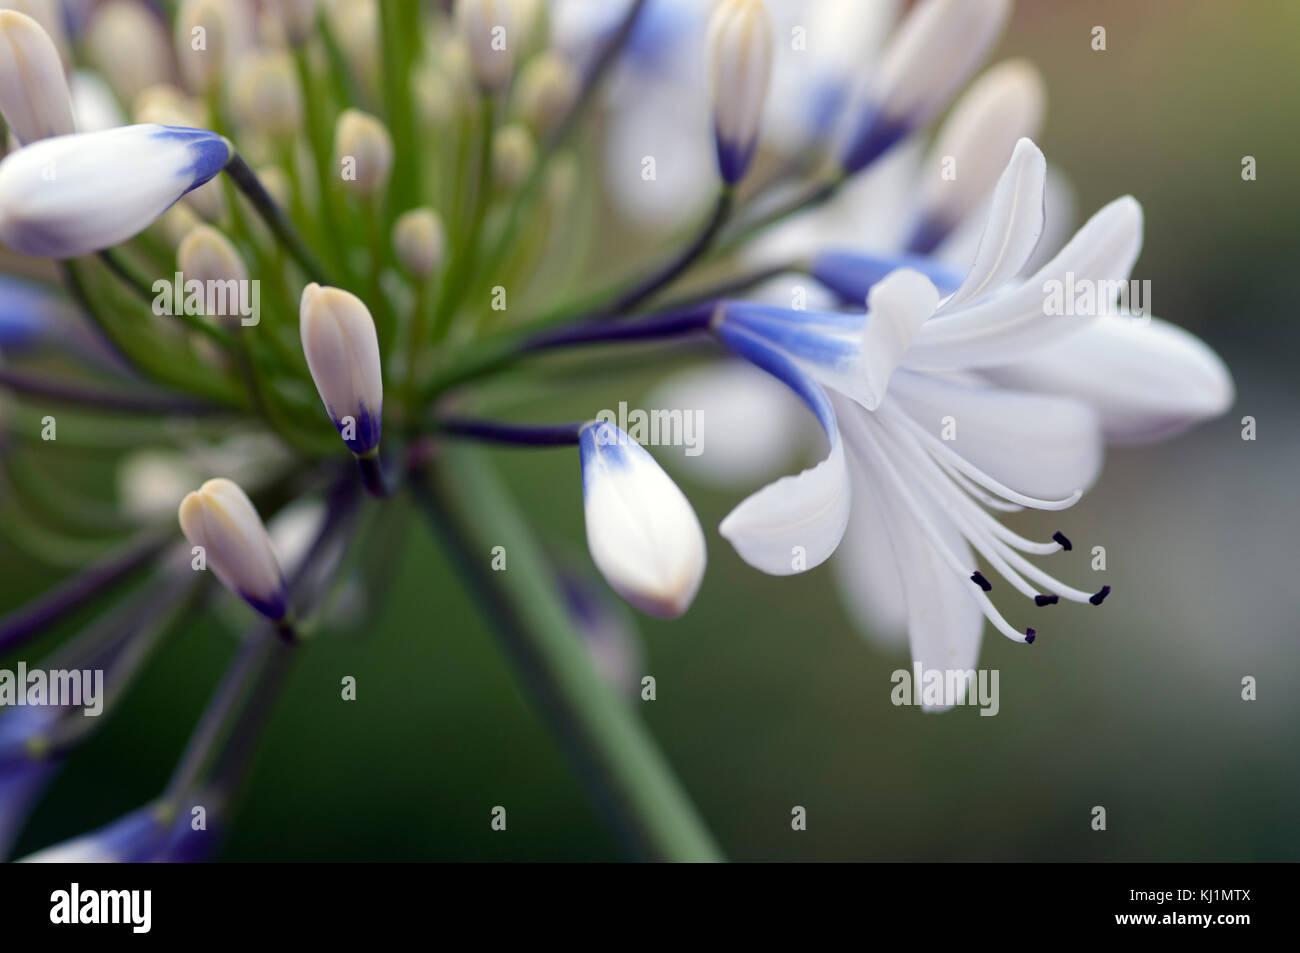 Fiori Bianchi Viola.Agapanthus Regina Mamma Grandi Fiori Bianchi Con Viola Blu